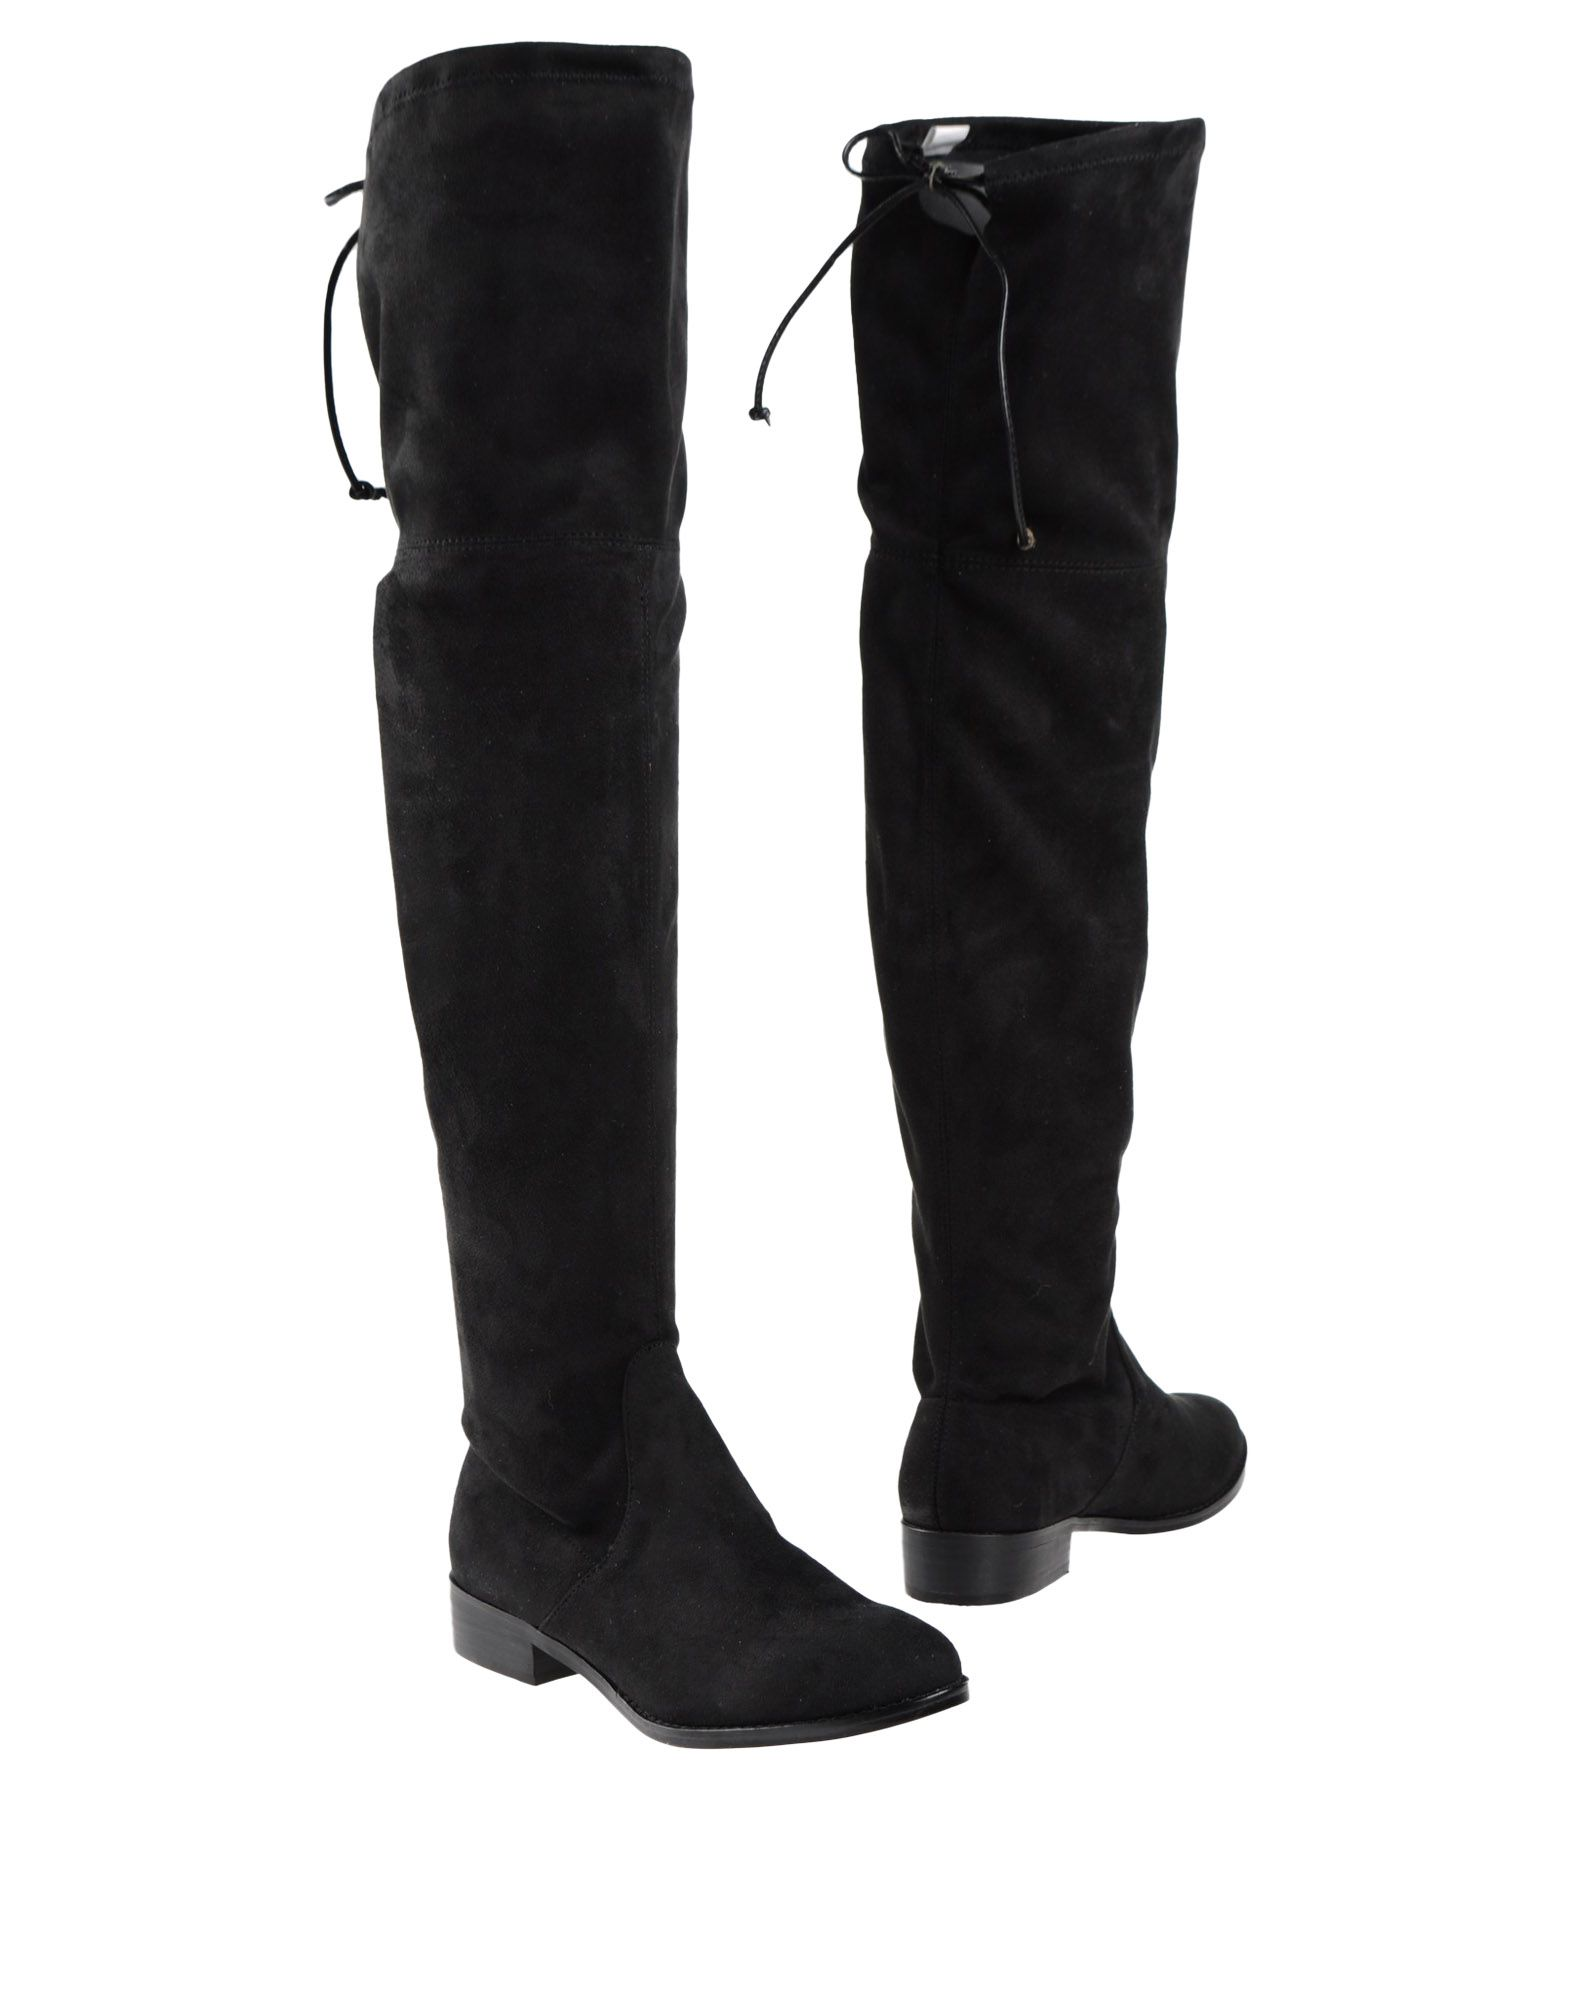 Steve Madden Stiefel Damen  beliebte 11237619UF Gute Qualität beliebte  Schuhe 2a00d4